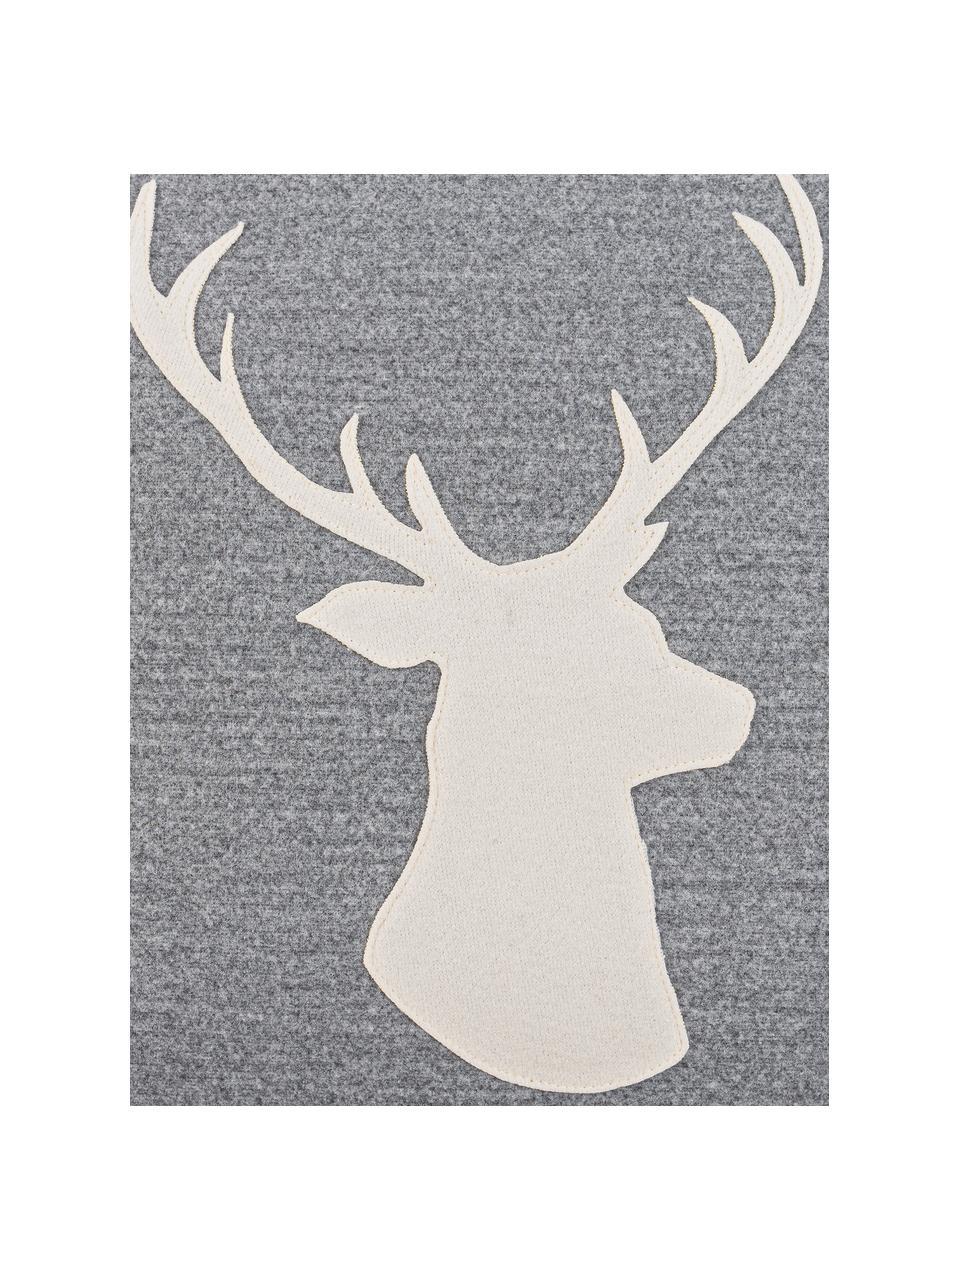 Kissenhülle Hirsch mit Hirsch-Motiv in Grau/Weiß, 100% Polyester, Grau, Weiß, 45 x 45 cm